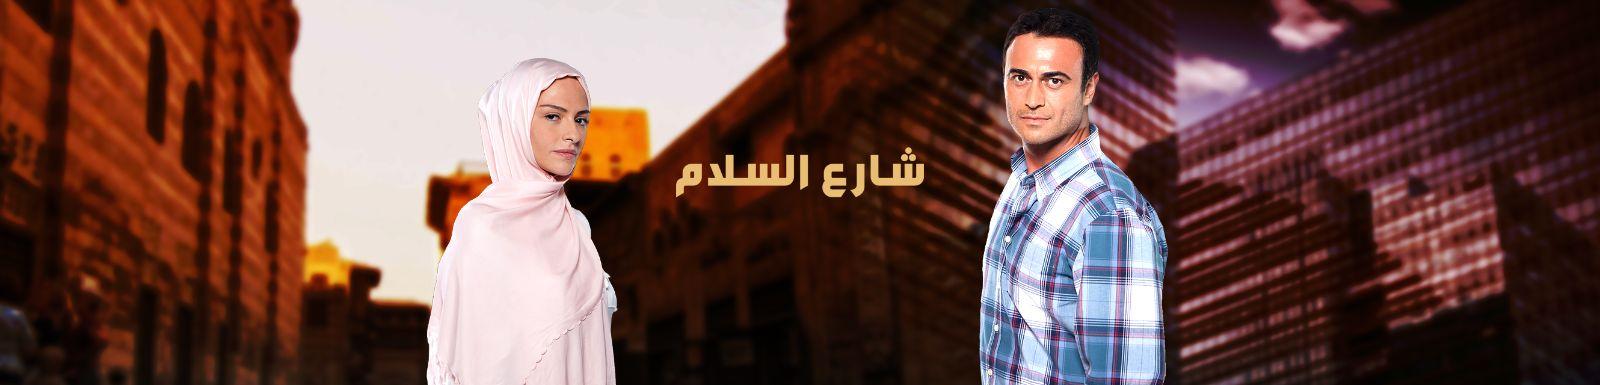 تحميل مسلسل شارع السلام الحلقة 79 MBC shahid شاهد نت